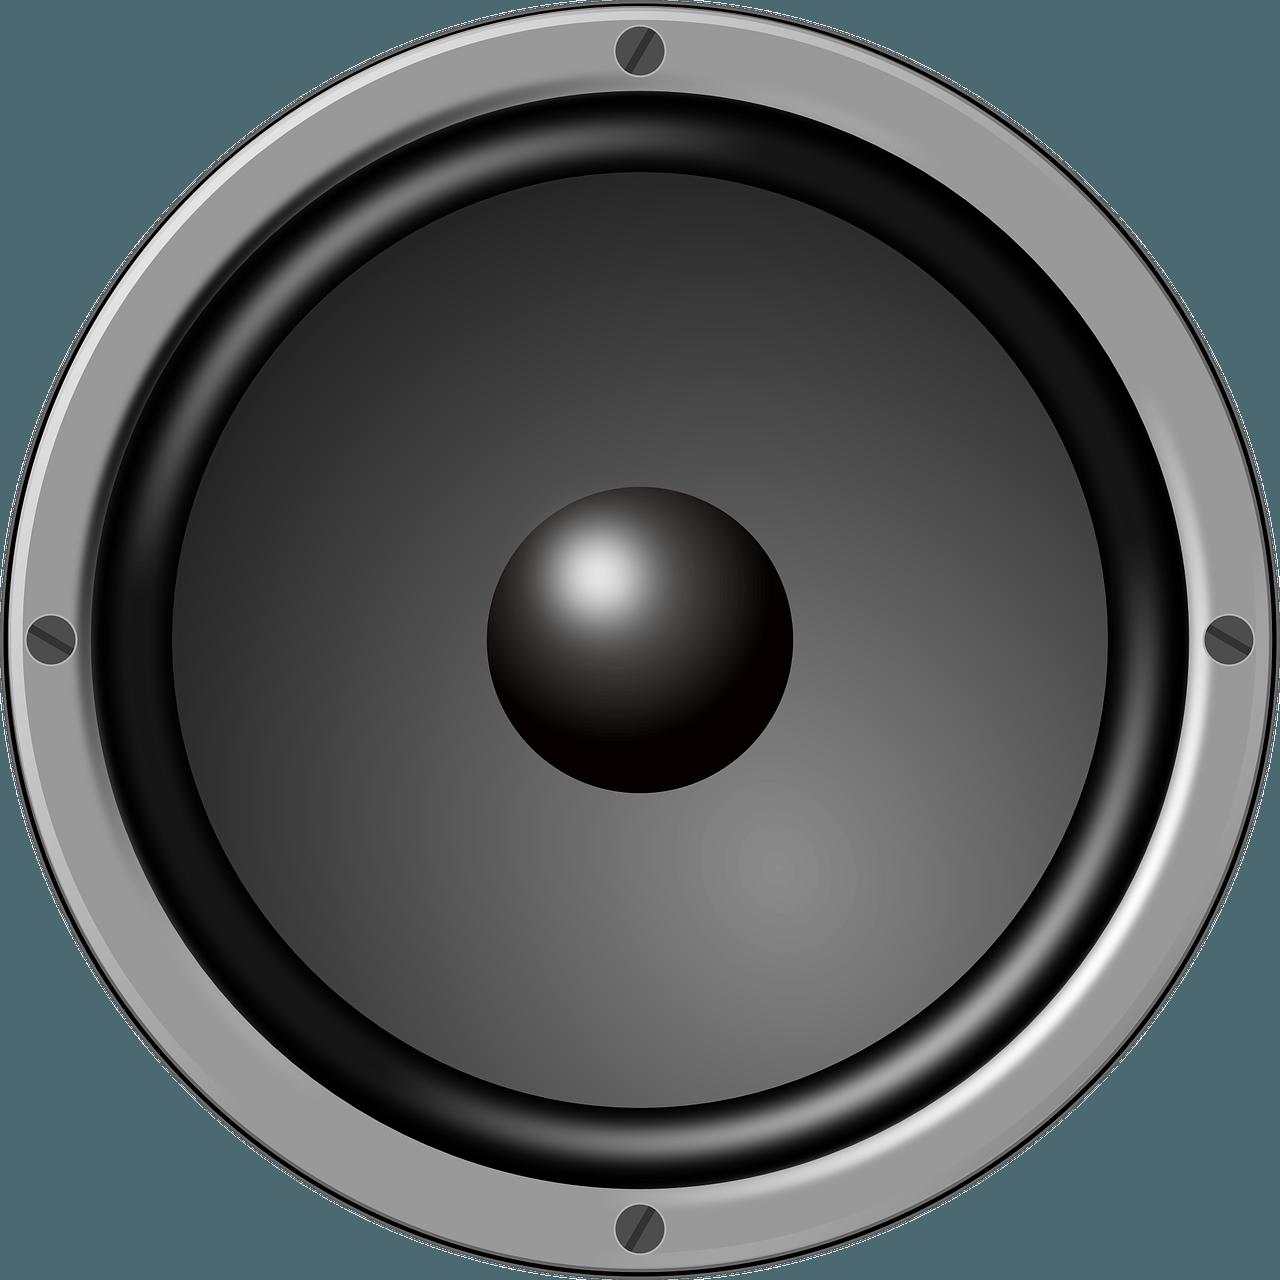 Behöver du högtalare hemma?